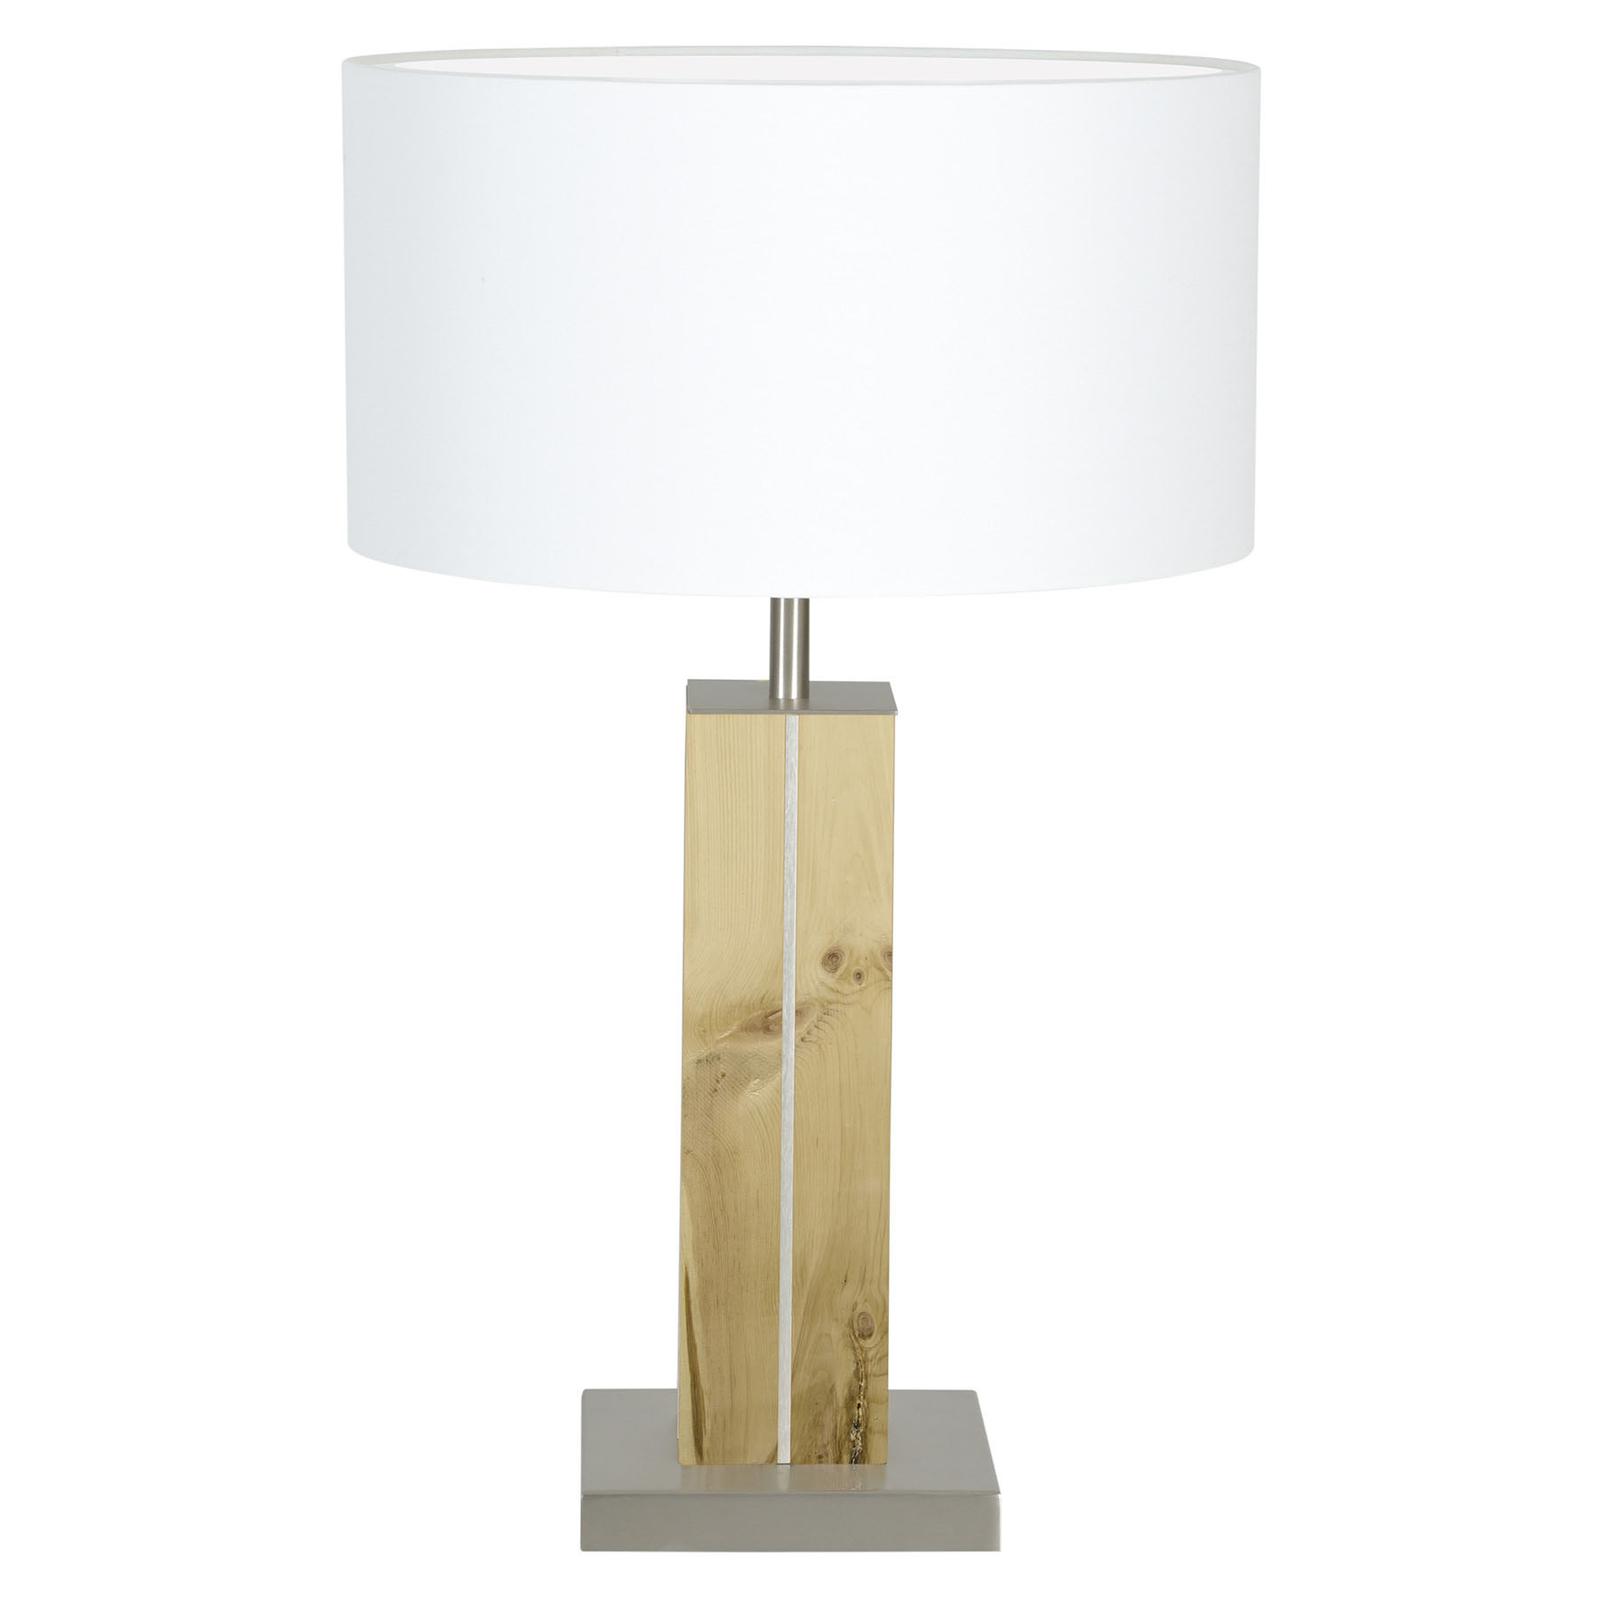 HerzBlut Dana -pöytälamppu, sembramänty, 56 cm